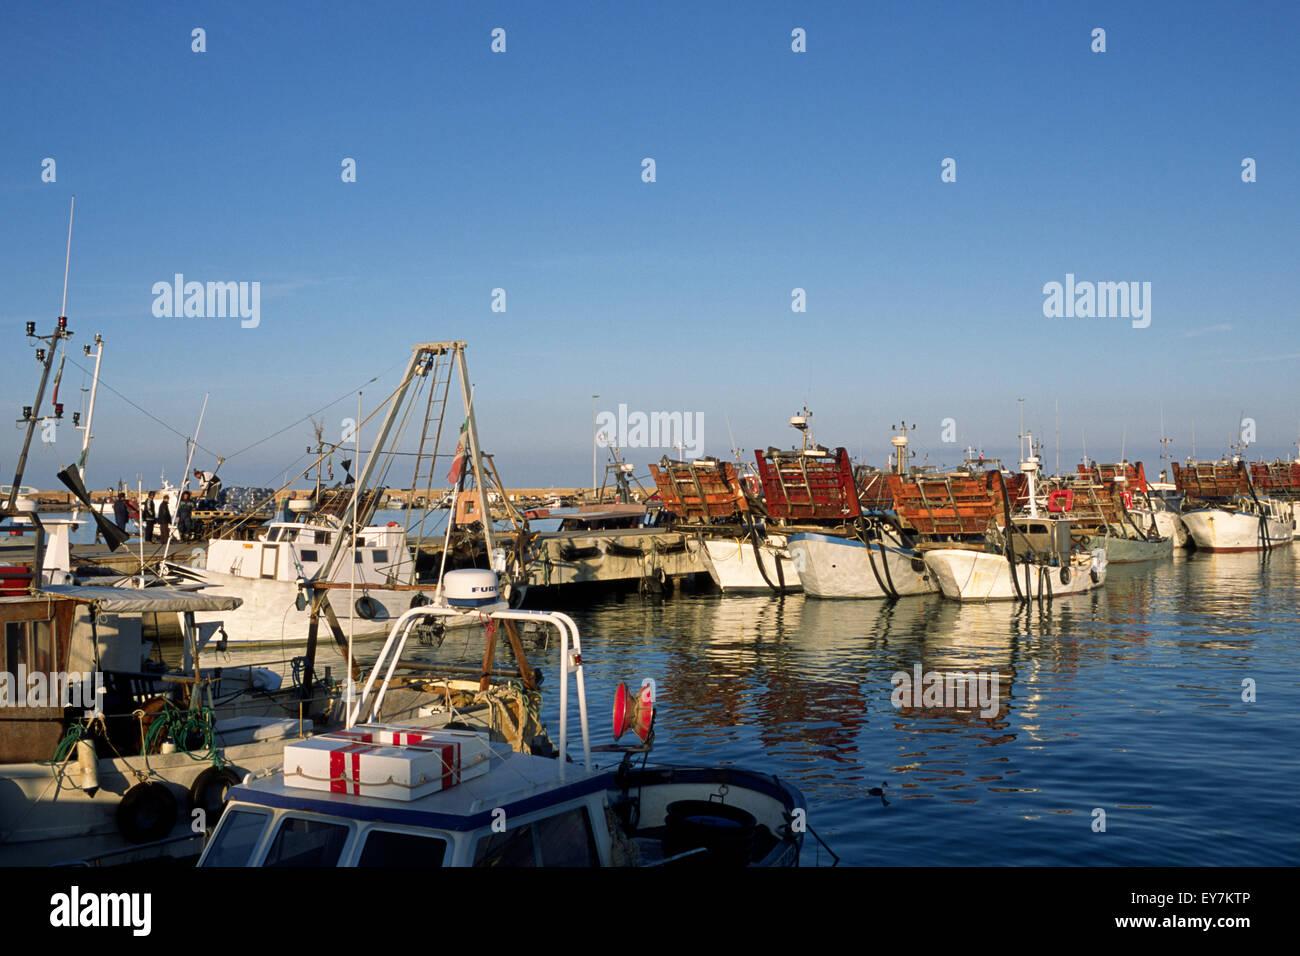 italy, le marche, san benedetto del tronto, port, fishing boats Stock Photo